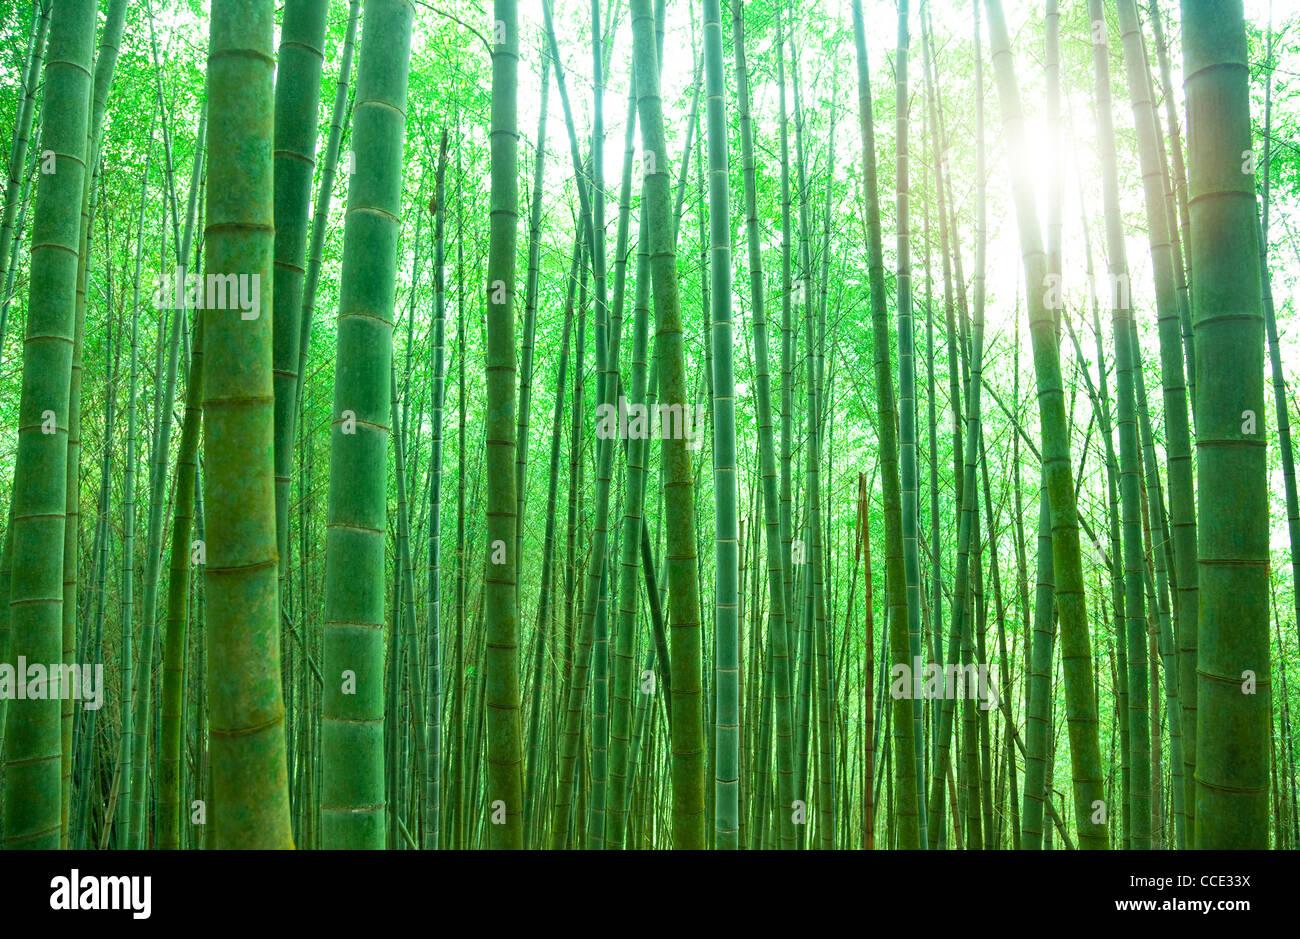 grüner Bambuswald mit Sonnenlicht Stockfoto